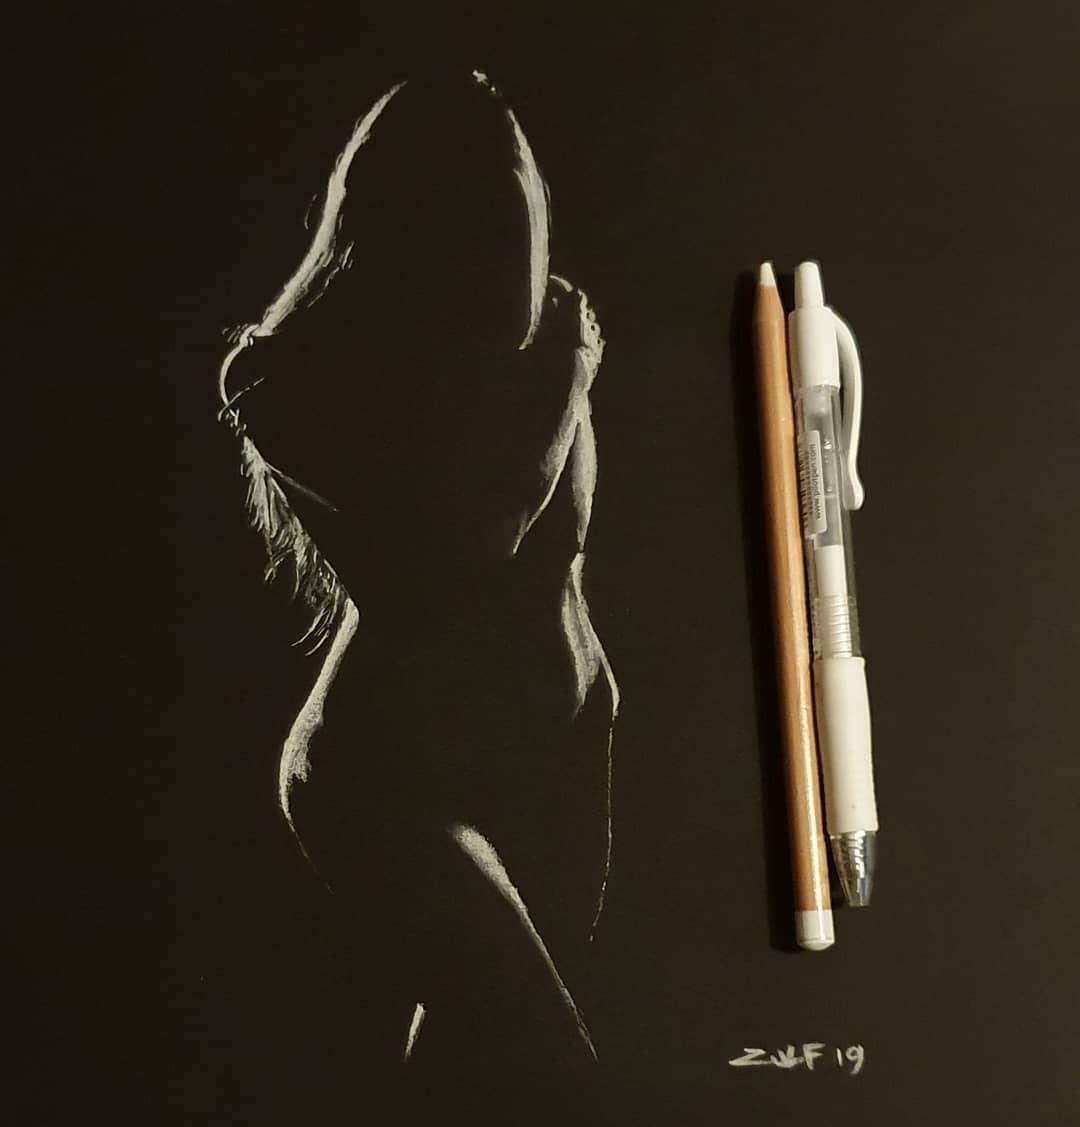 Серия рисунков «Из темноты». Автор Зульф (14)